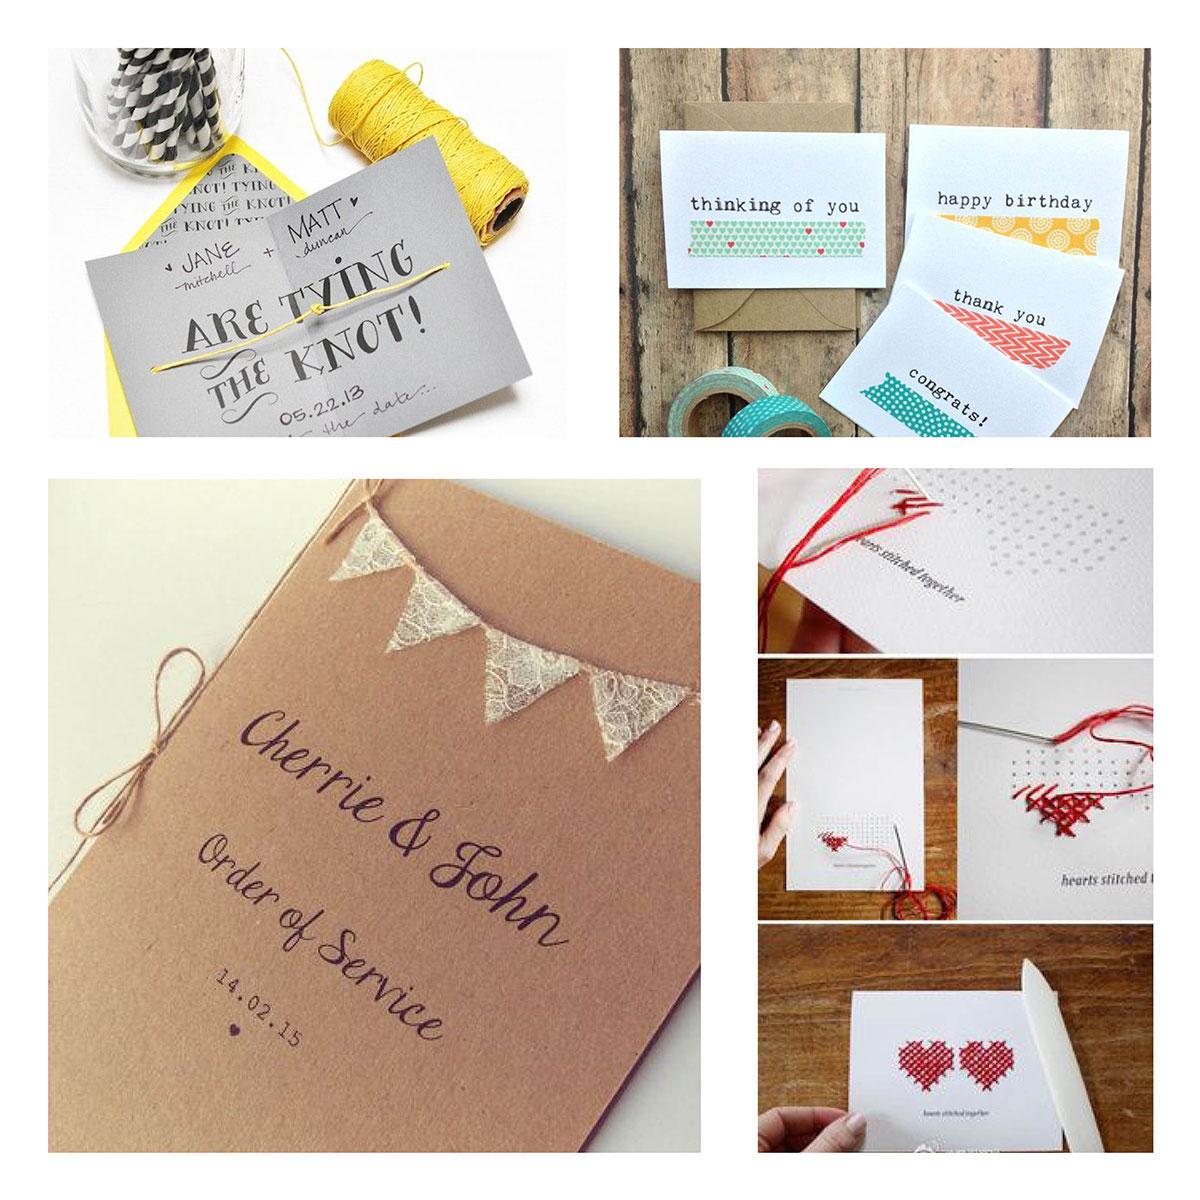 Genoeg Een originele trouwkaart (en meer!) voor de mooiste dag van je &RL66